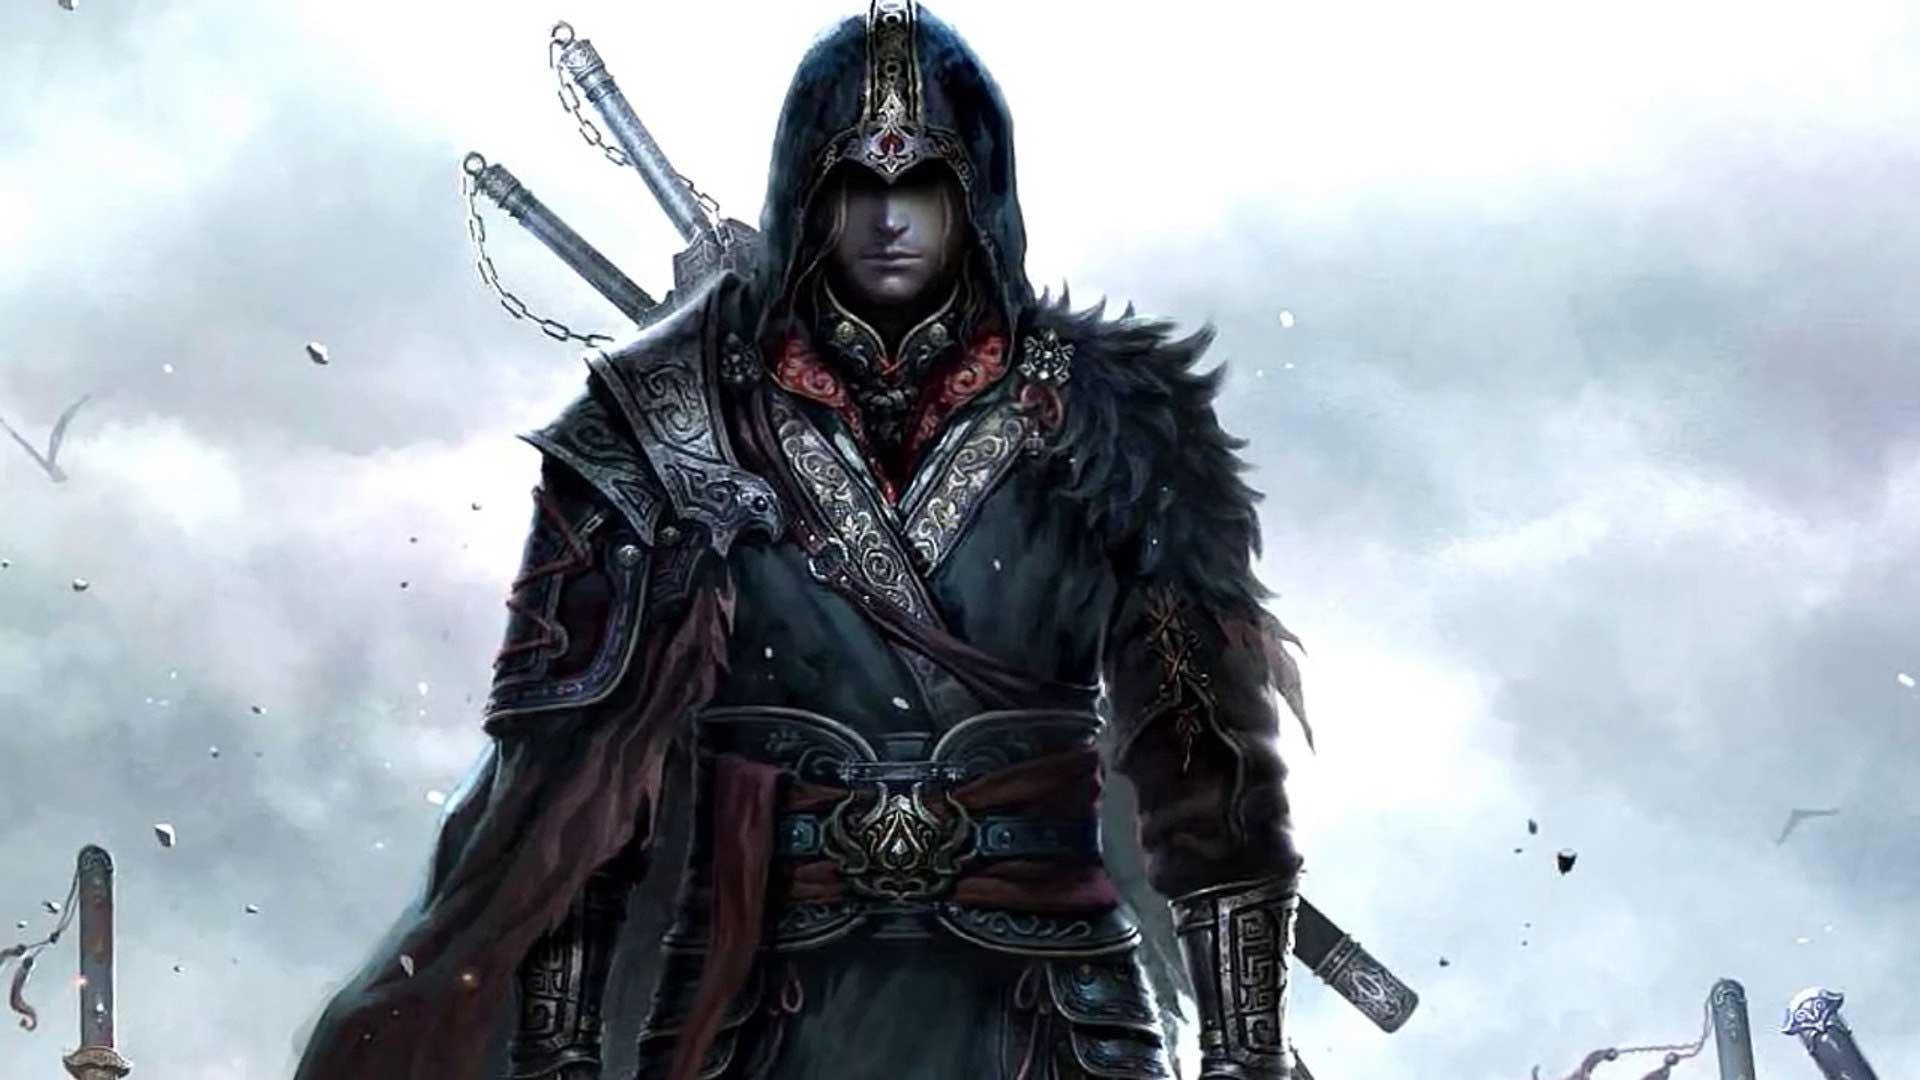 Cледующий Assassin's Creed выйдет в 2021 или 2022 году?